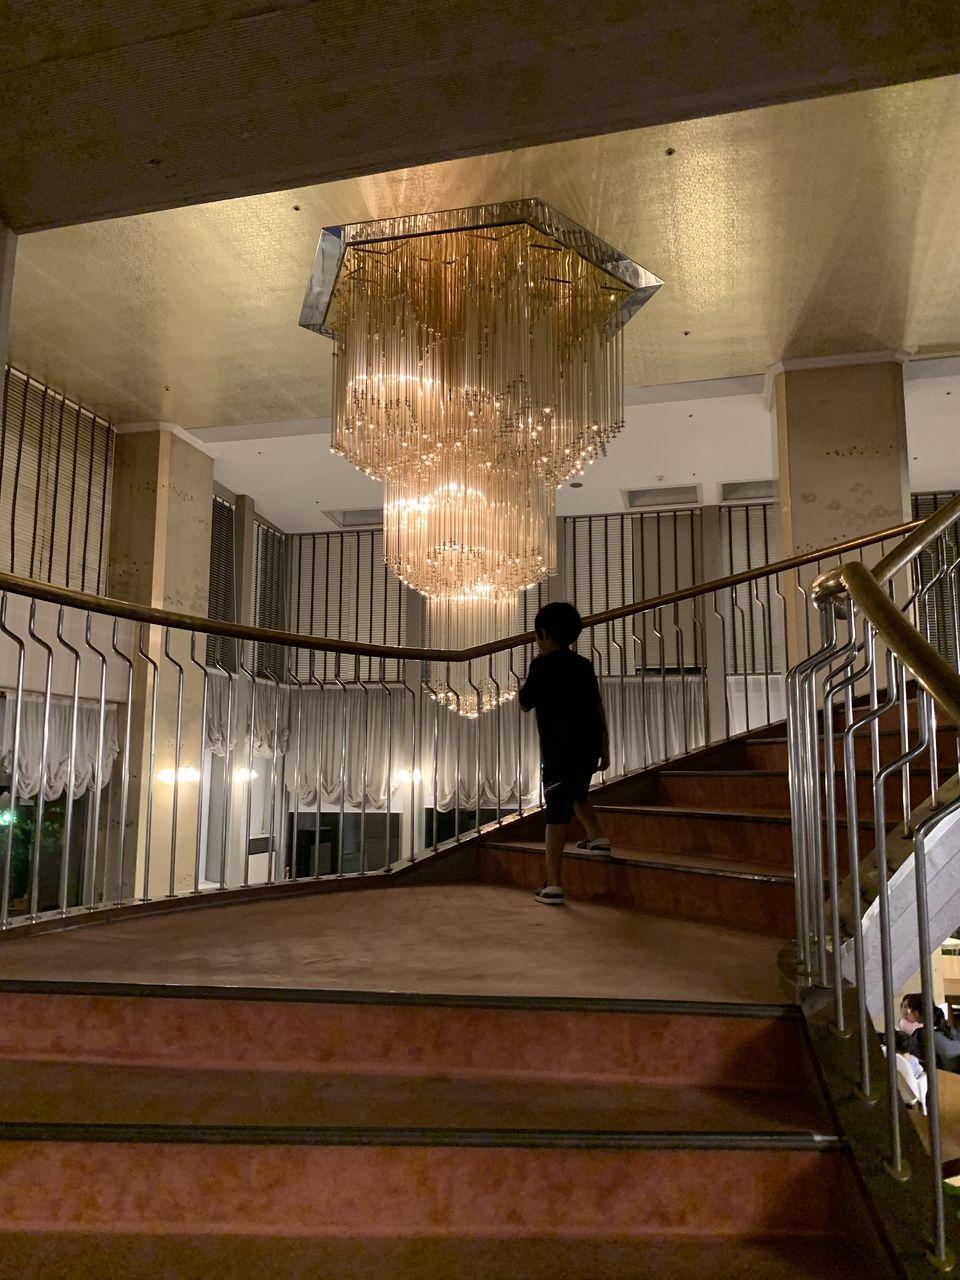 ダイアモンド瀬戸内マリンホテル